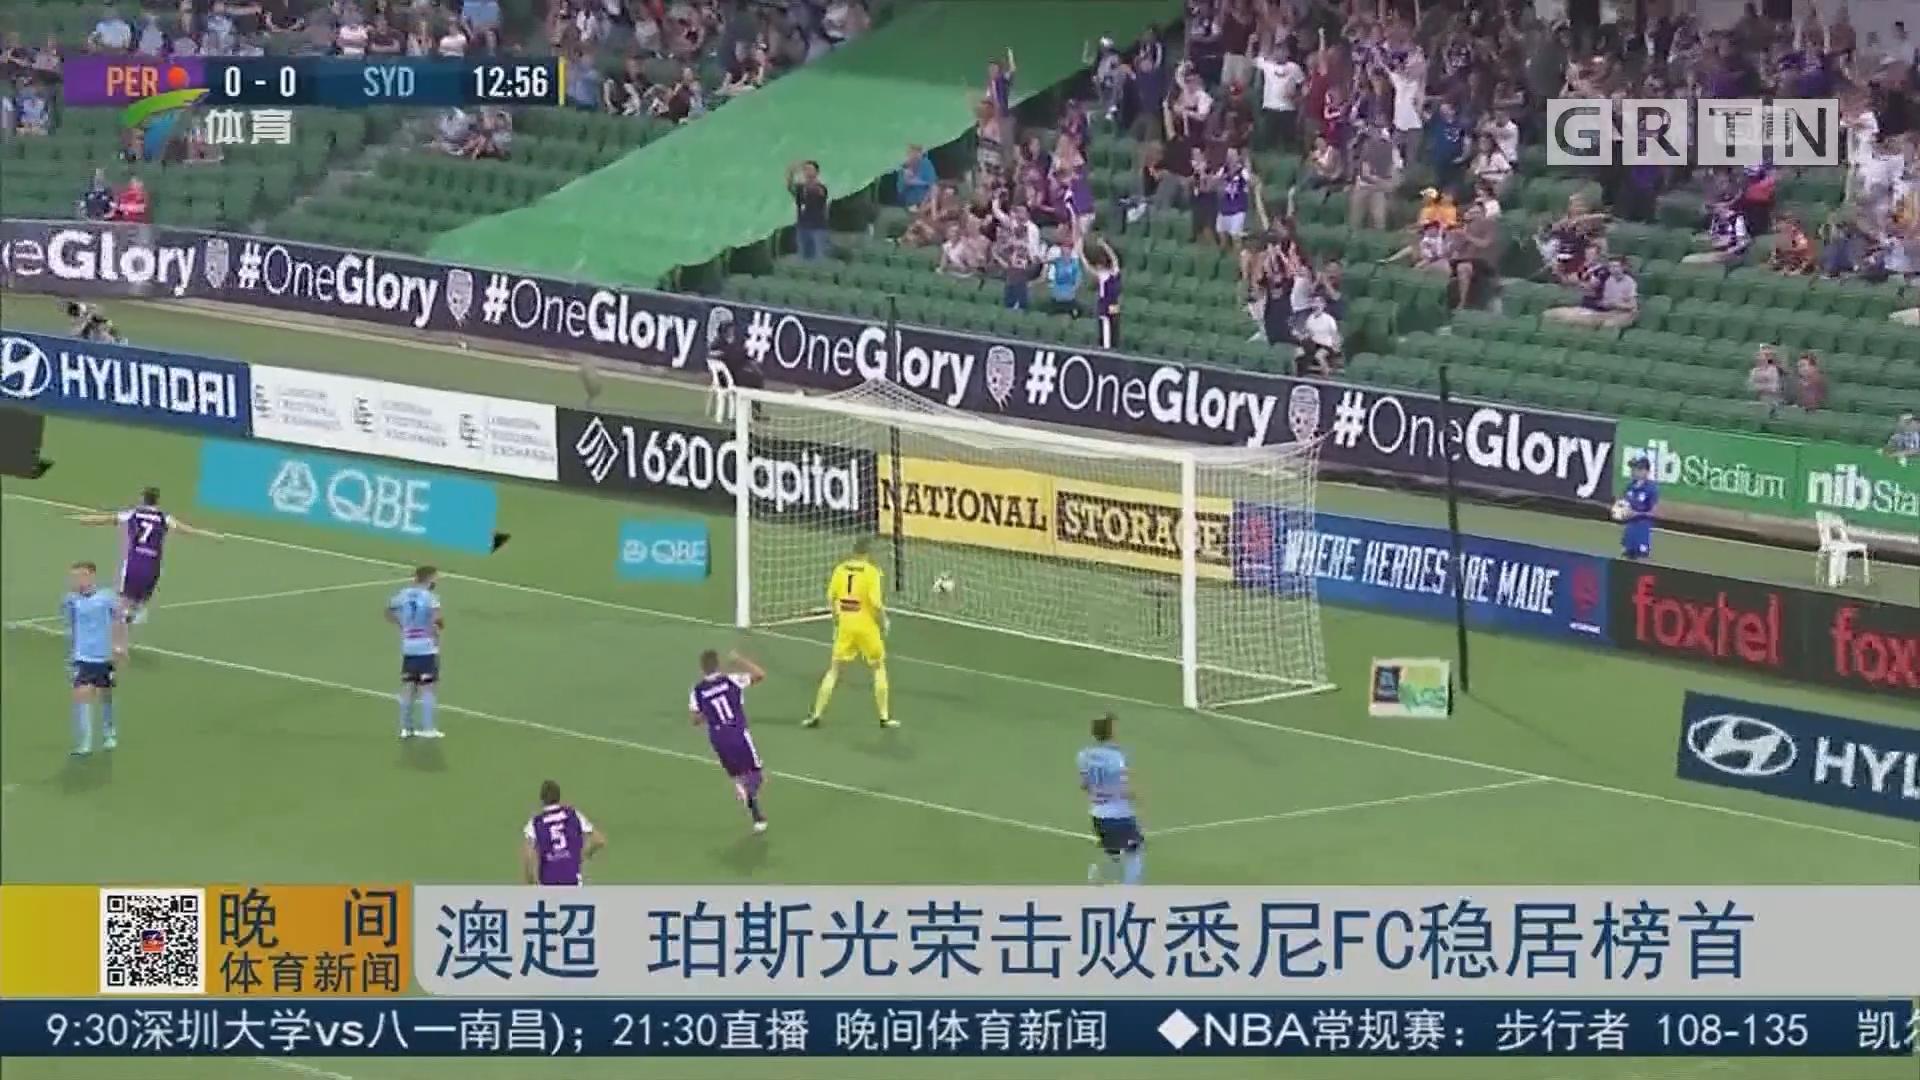 澳超 珀斯光荣击败悉尼FC稳居榜首